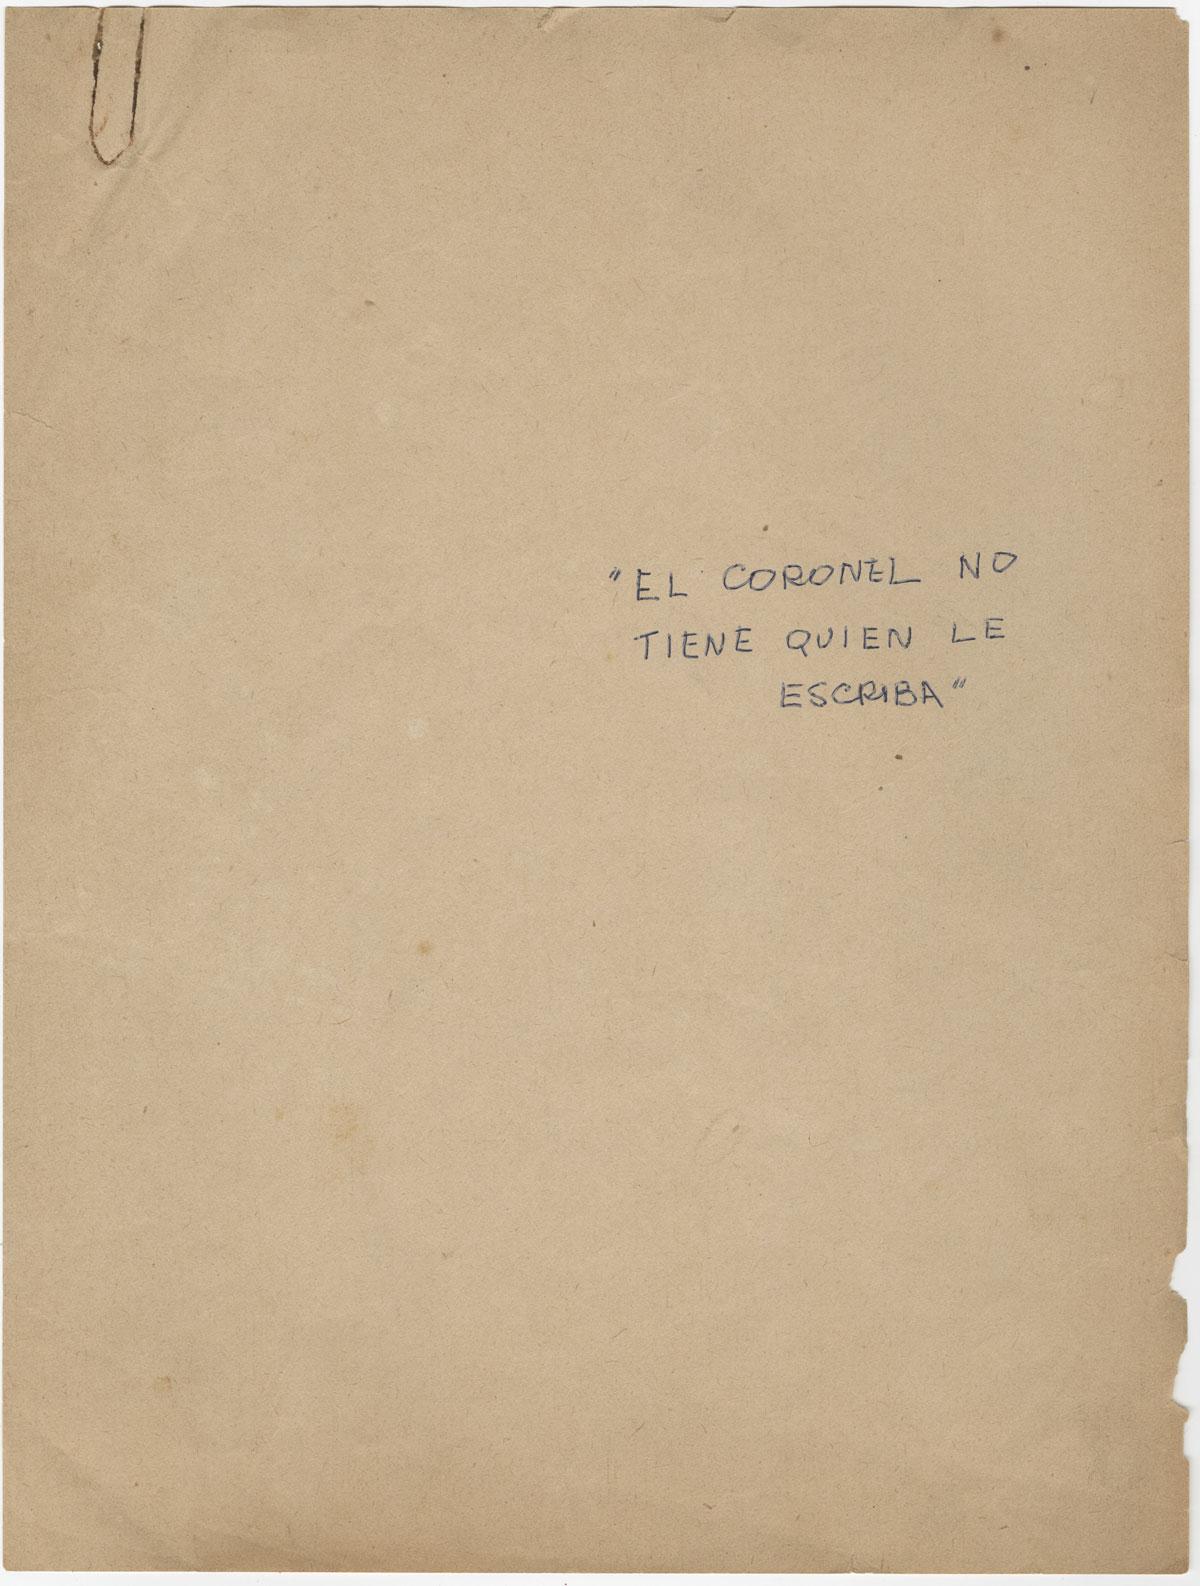 Dime con quién andas y te diré quién eres: Influencias literarias en la obra de Gabriel García Márquez